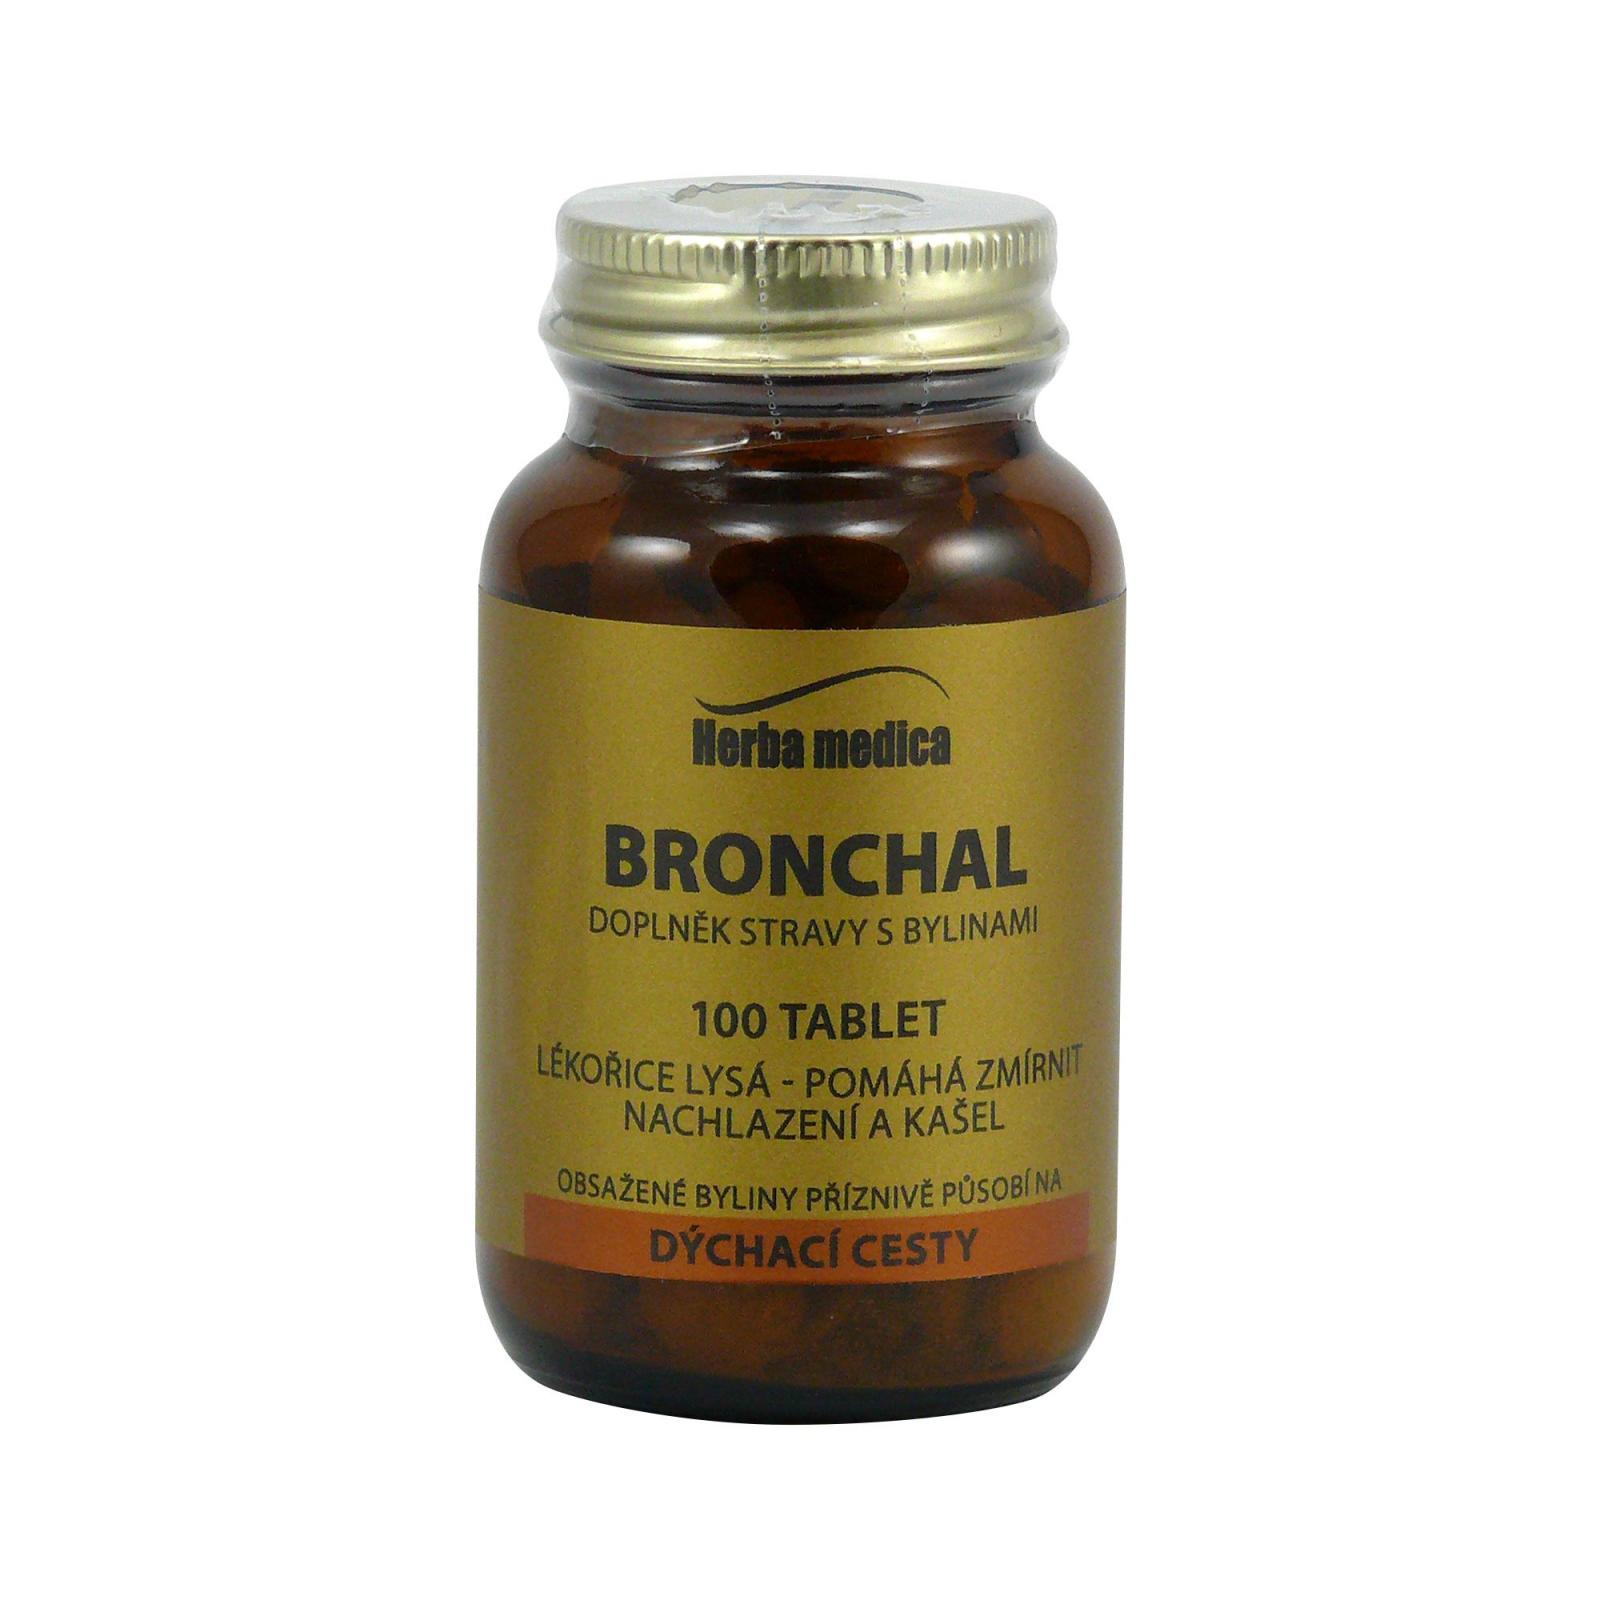 Herba Medica Bronchal 50 g,100 ks (tablet)